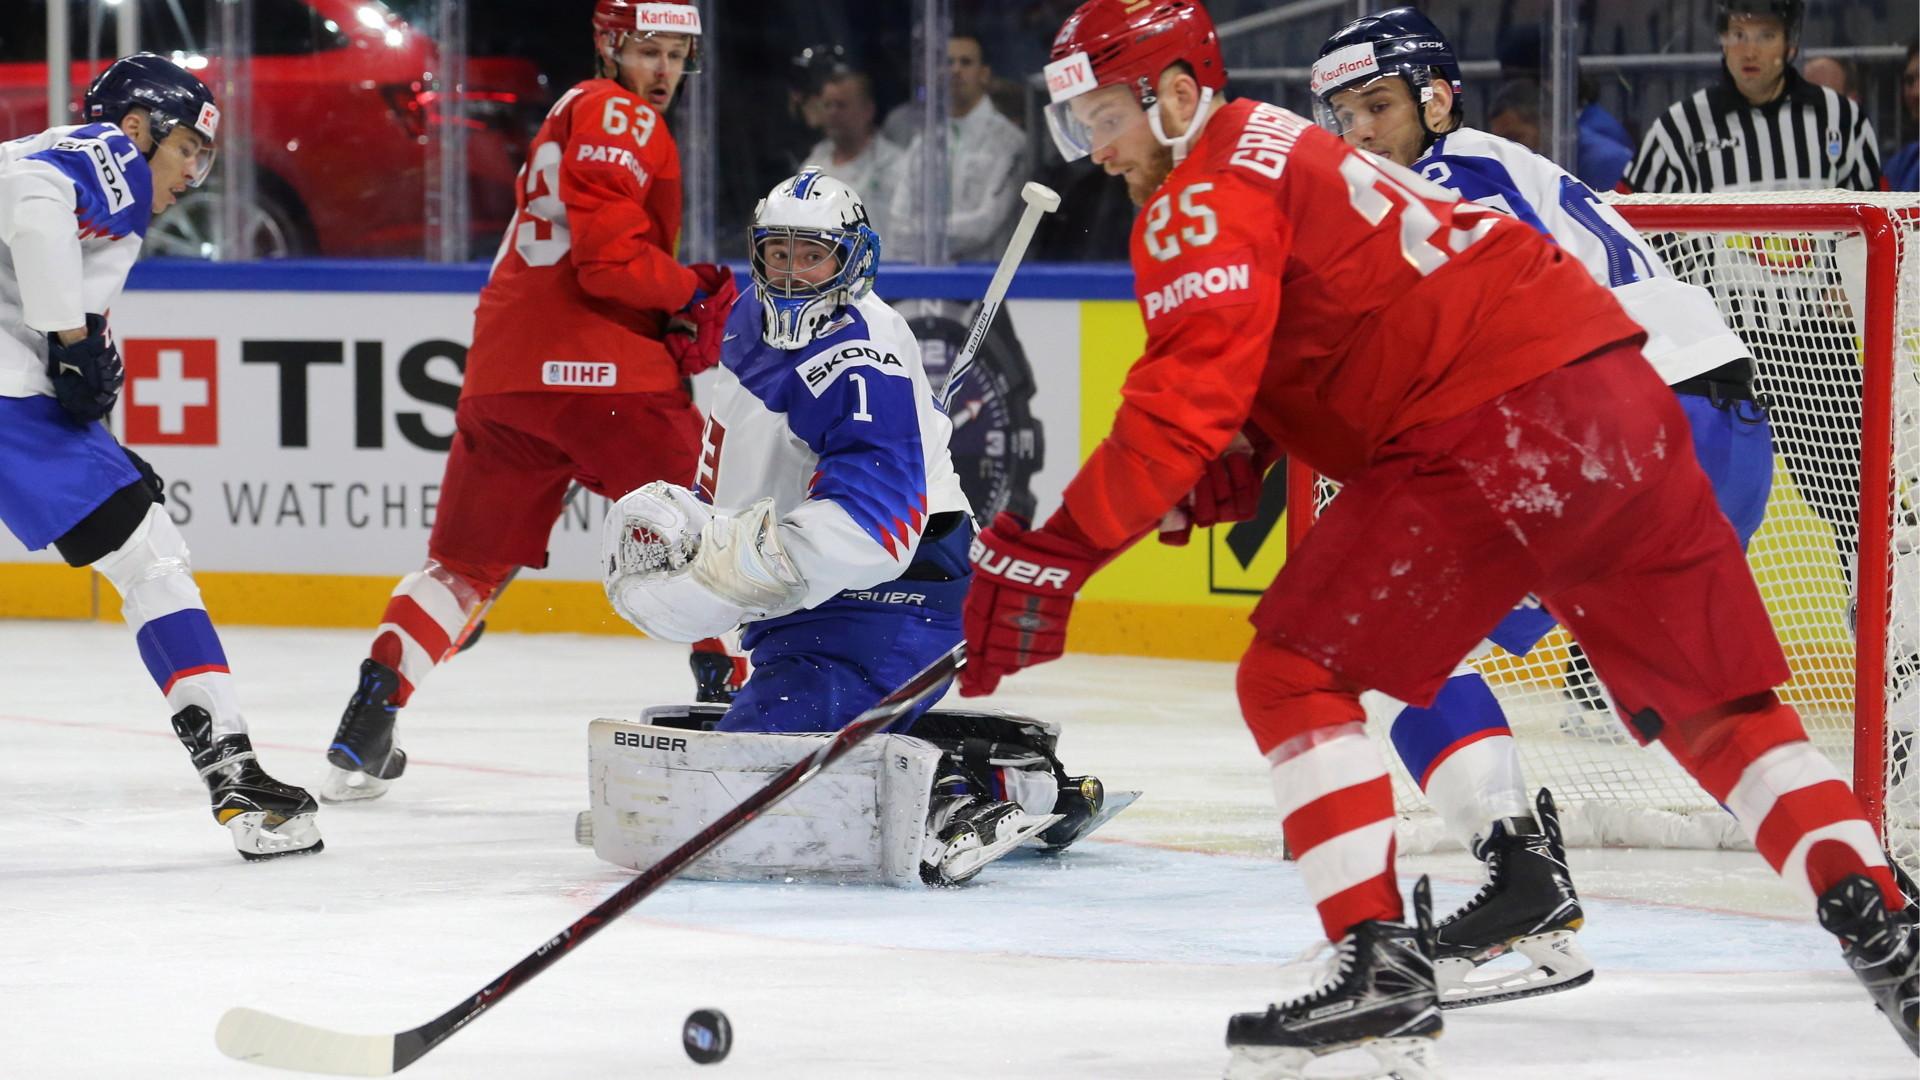 Спортивная карьера в Словакии, спорт в Словакии